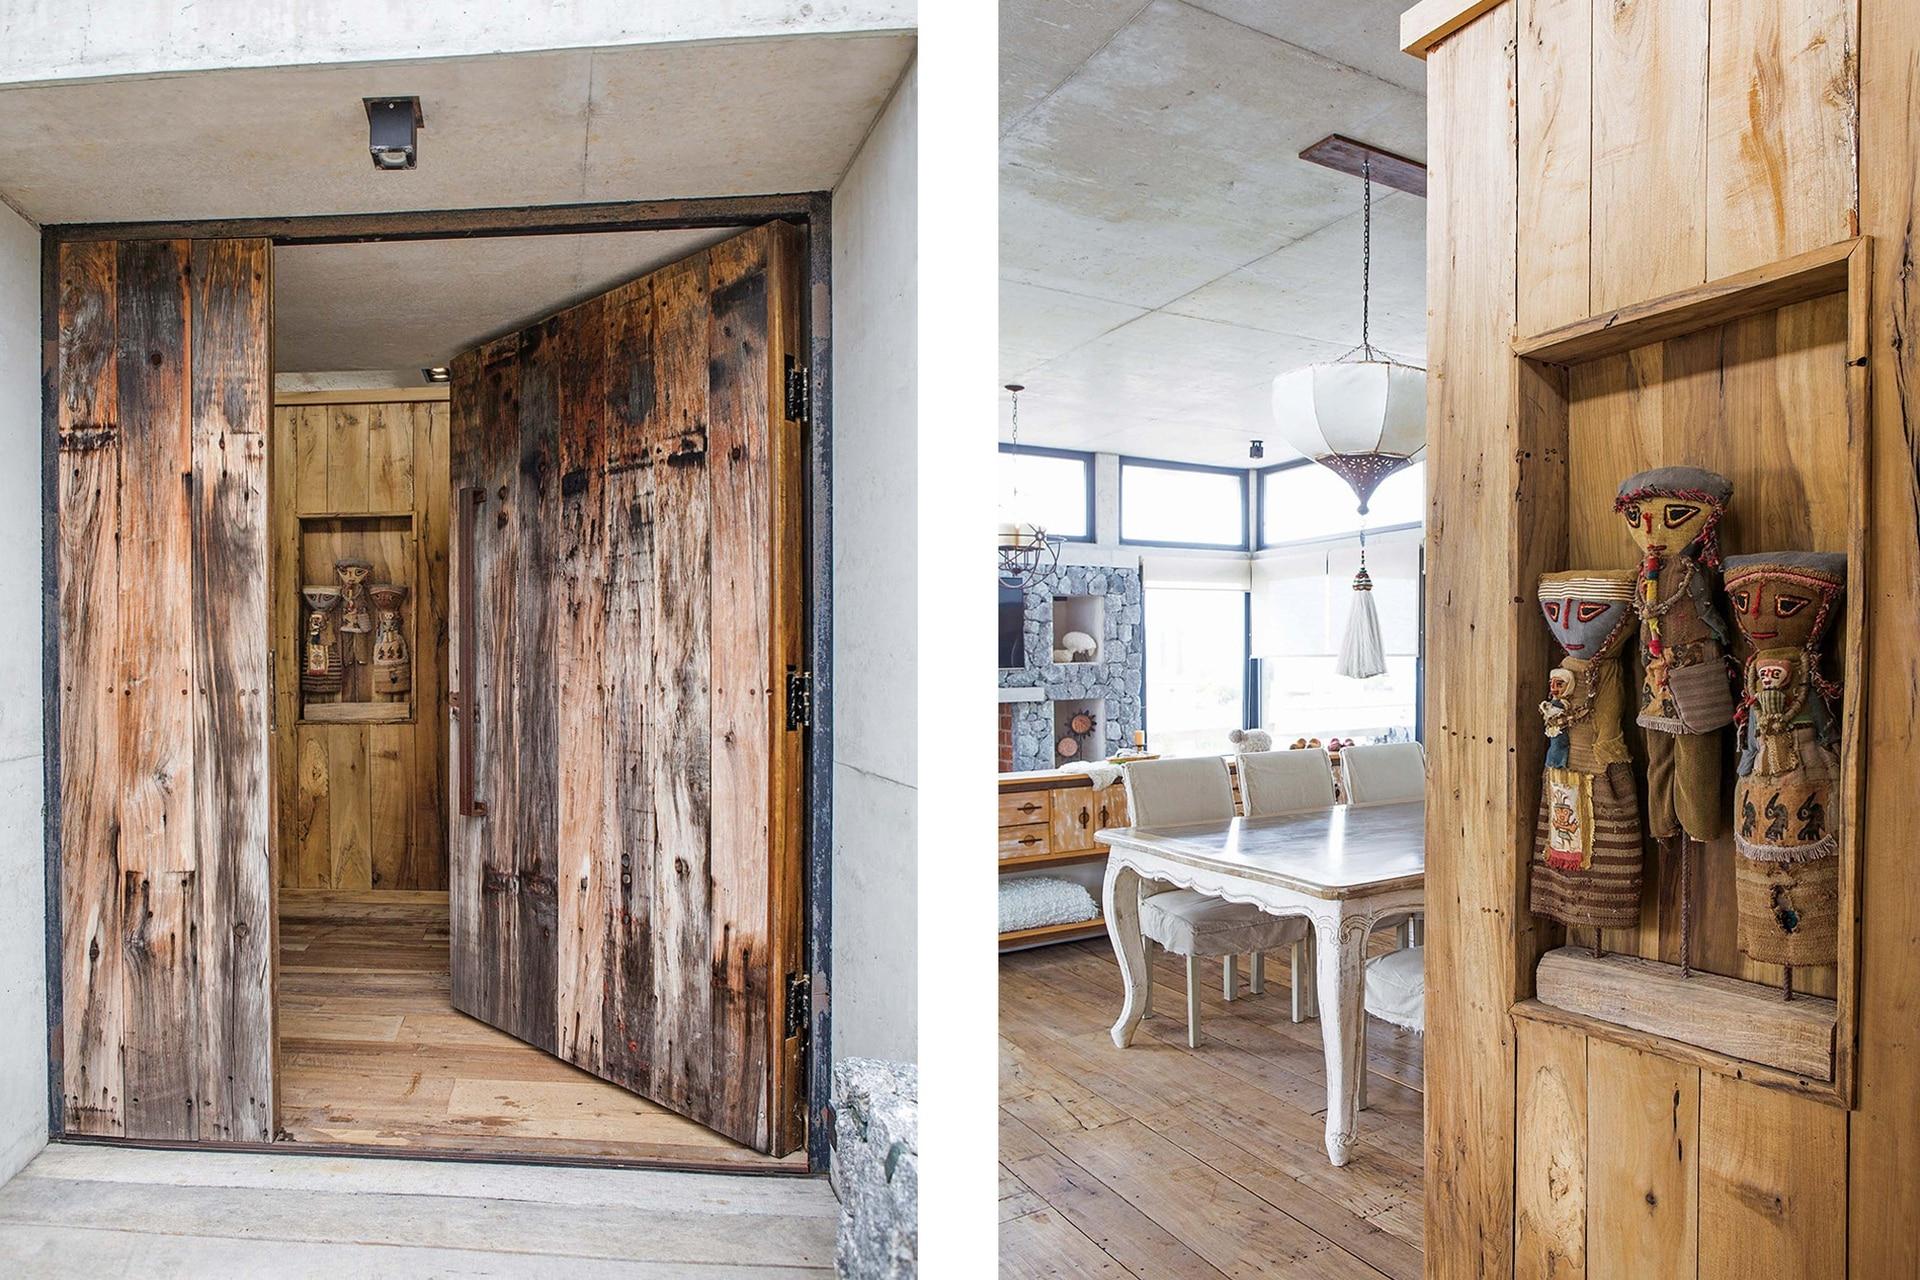 El panel de madera con muñecas traídas del Norte es lo primero que notamos al cruzar la puerta. Se agregó una vez finalizada la obra, para que la cocina no se viera de entrada y tuviera más privacidad.